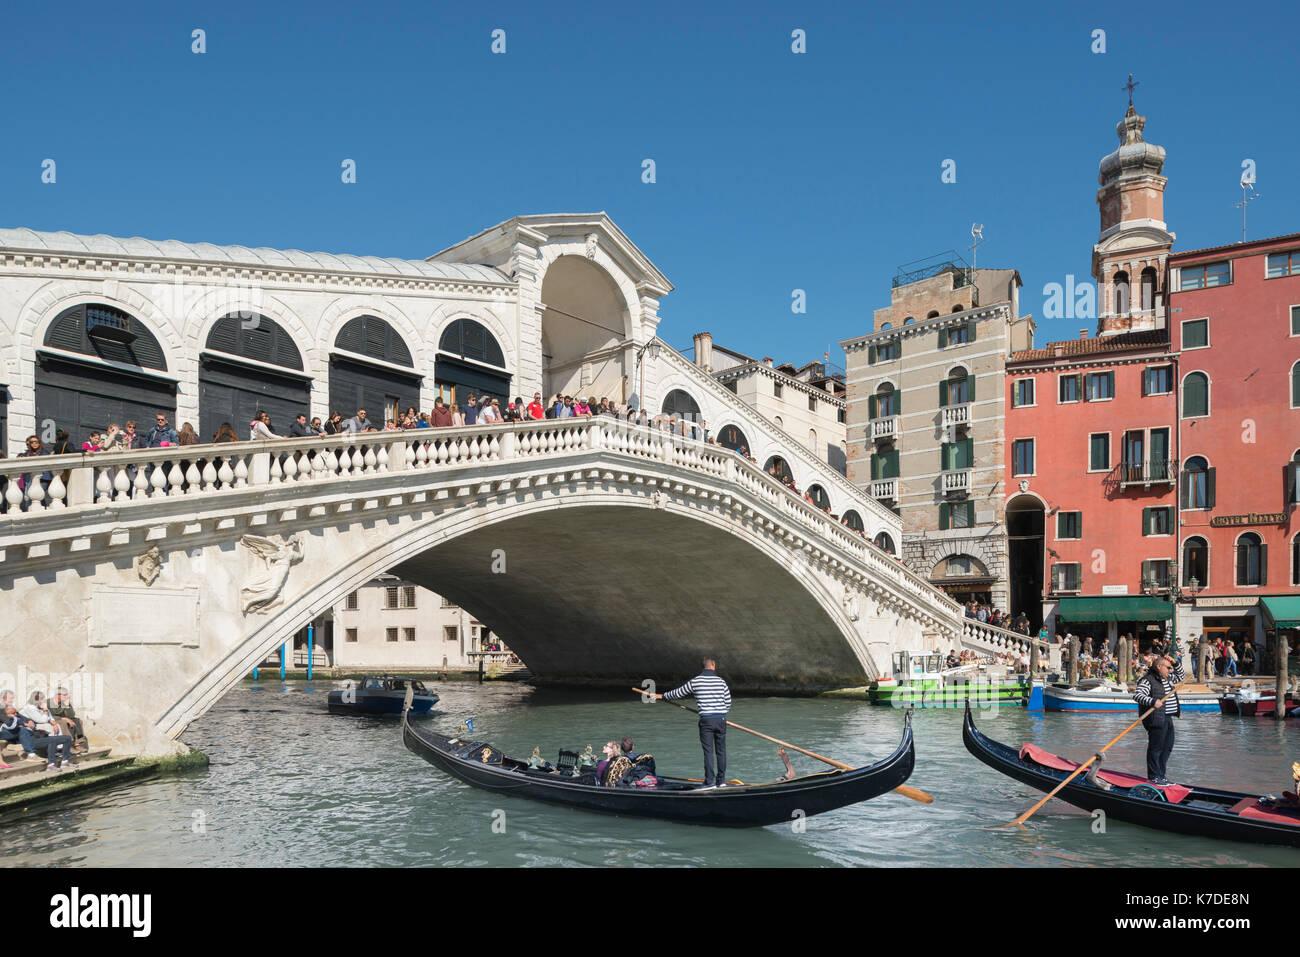 Rialto Bridge, Canale Grande, Venice, Venice, Veneto, Italy - Stock Image